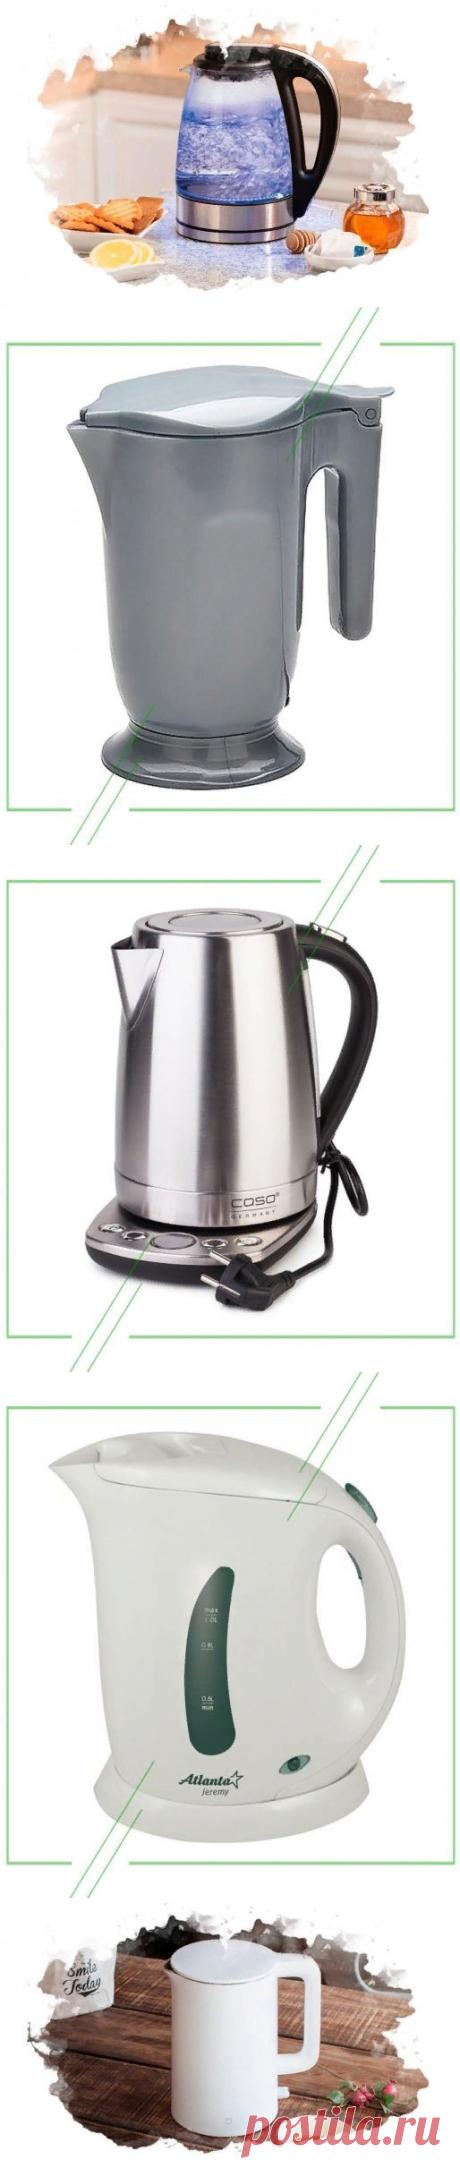 ТОП-7 лучших электрических чайников для дома